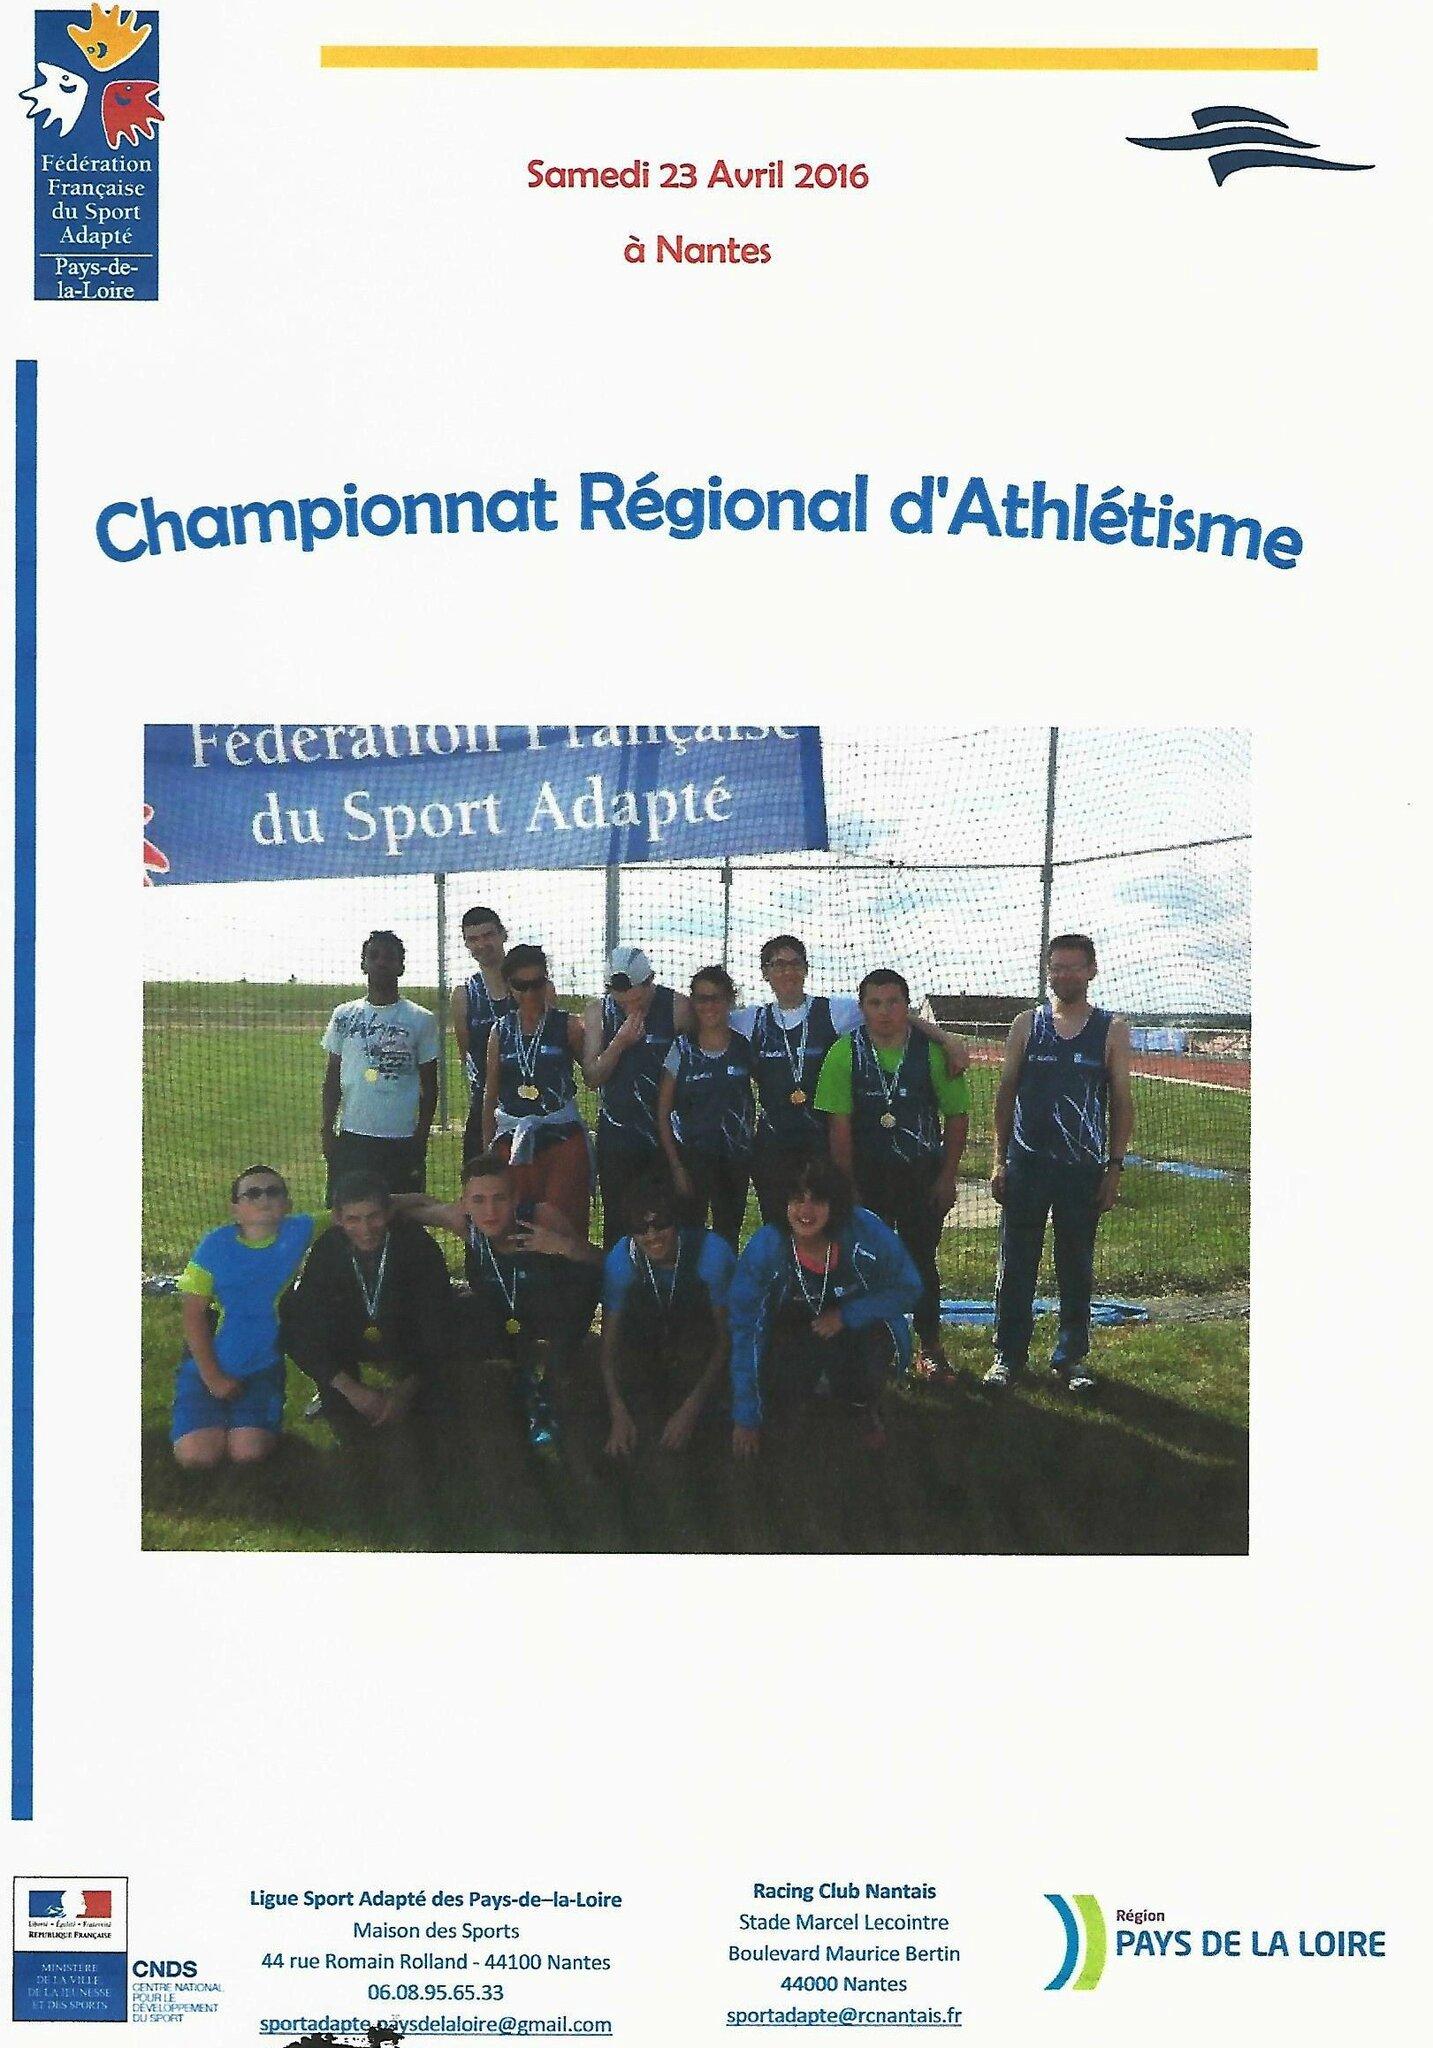 Championnat Régional d'Athlétisme à Nantes